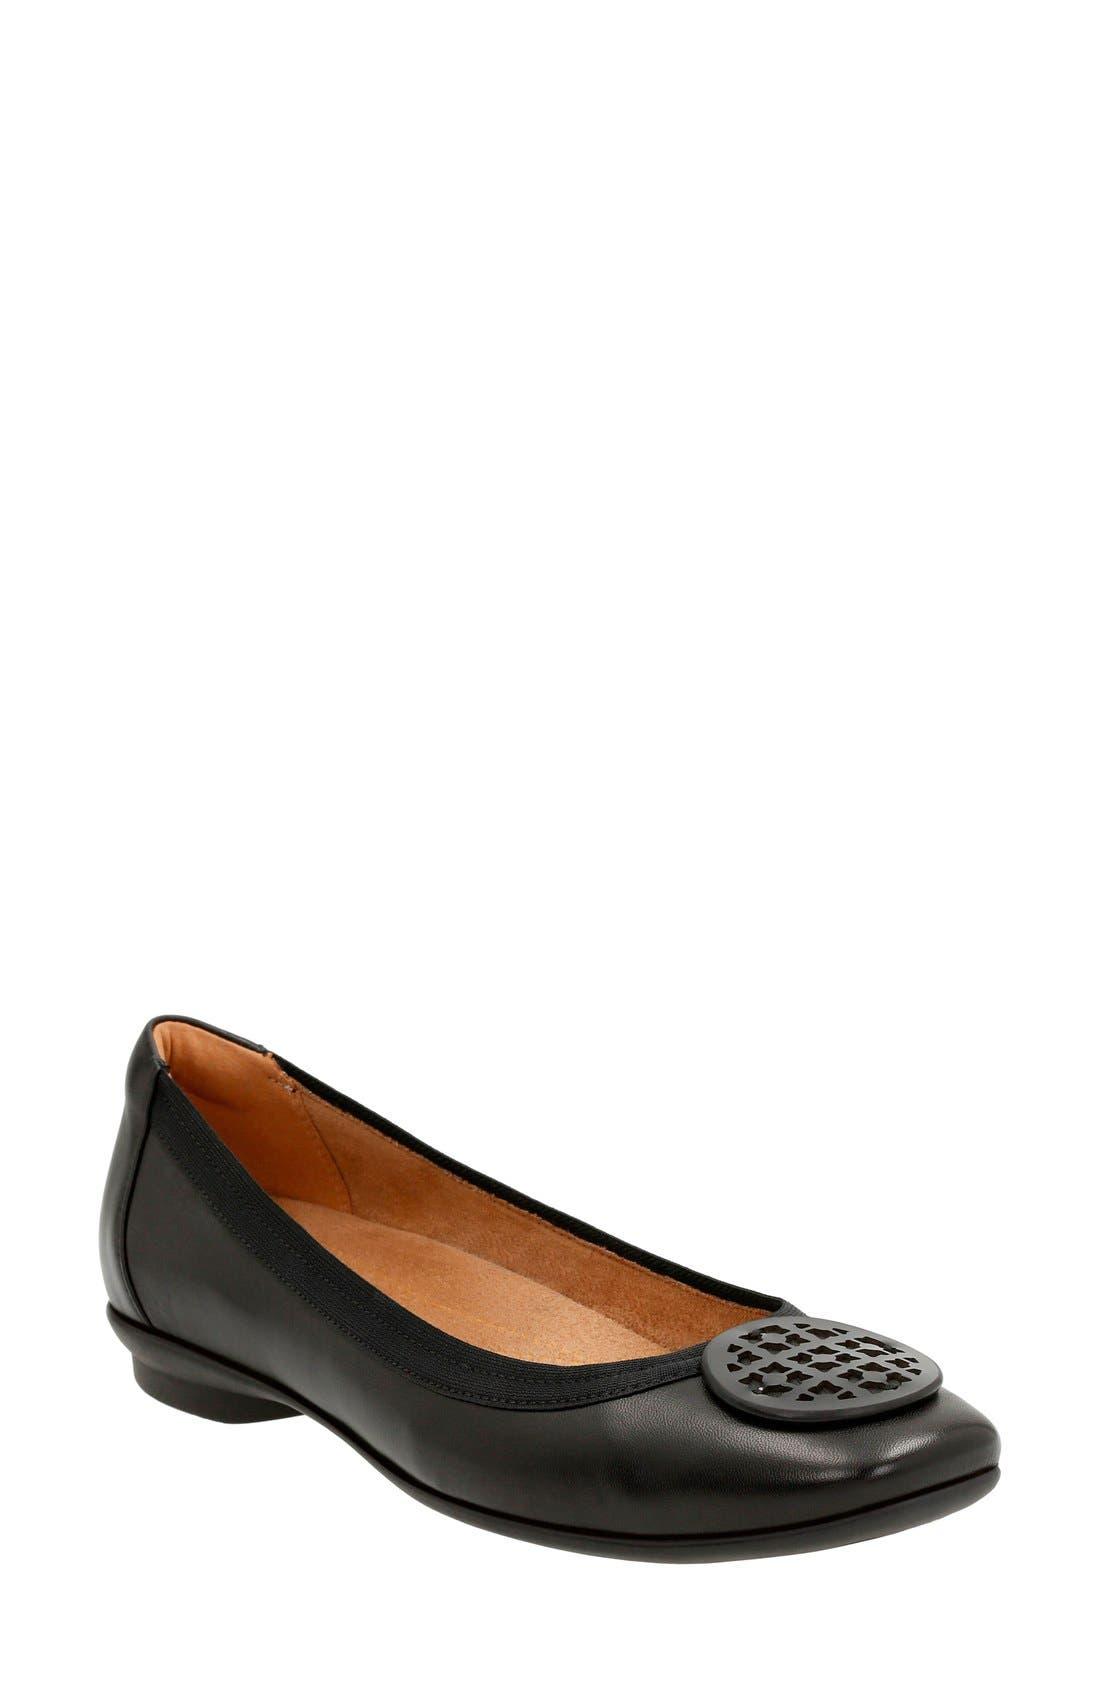 9c134604a5f Clarks Women s Shoes